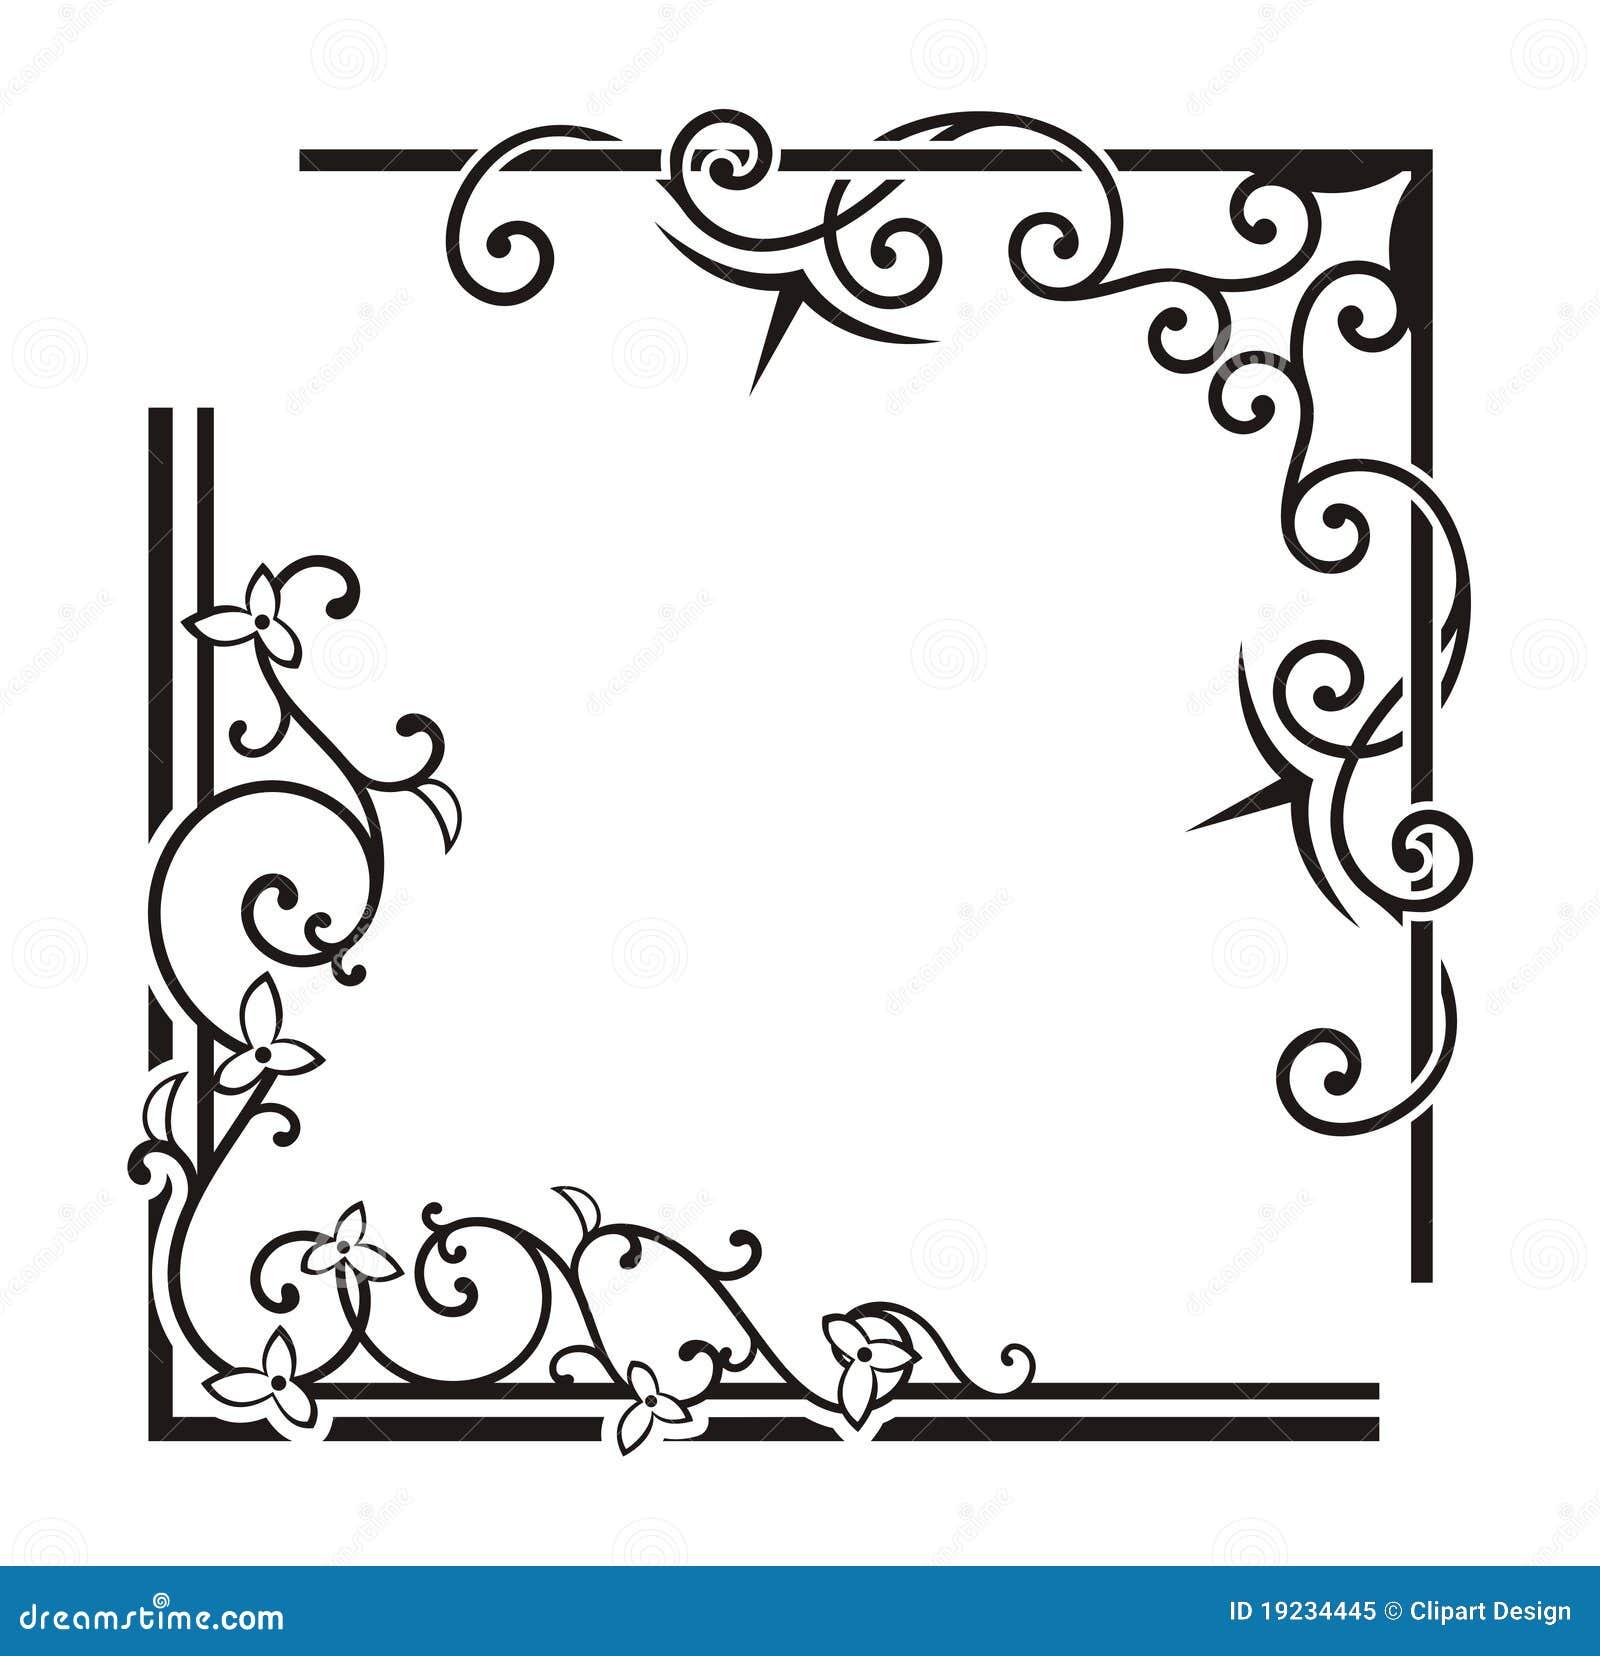 Calligraphy Corner Designs Pixshark Images